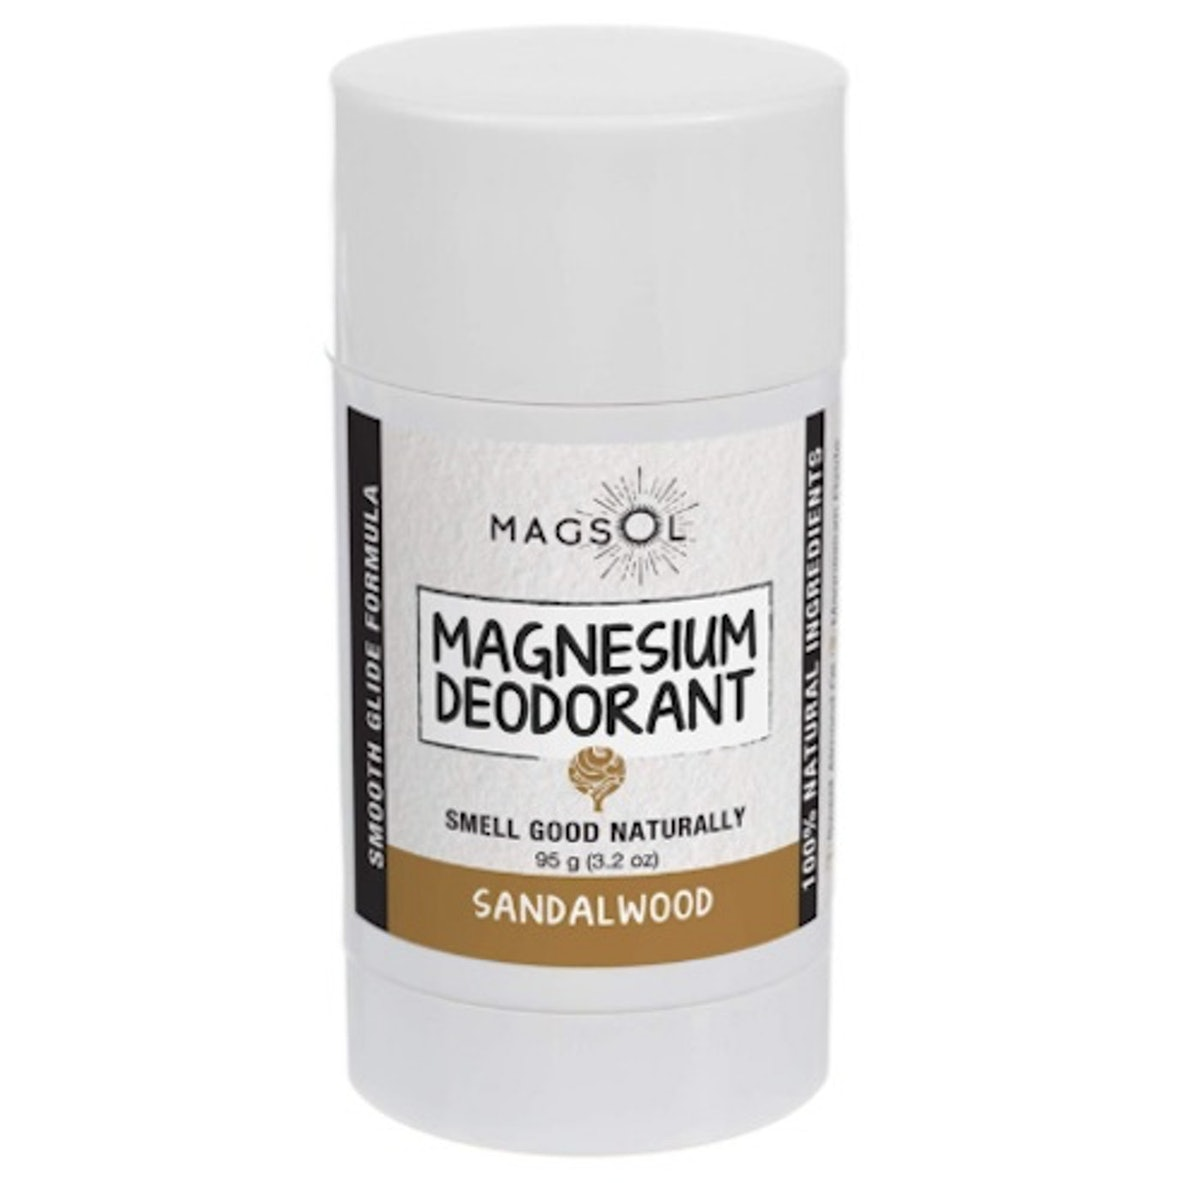 MagSol Organics Sandalwood Magnesium Deodorant